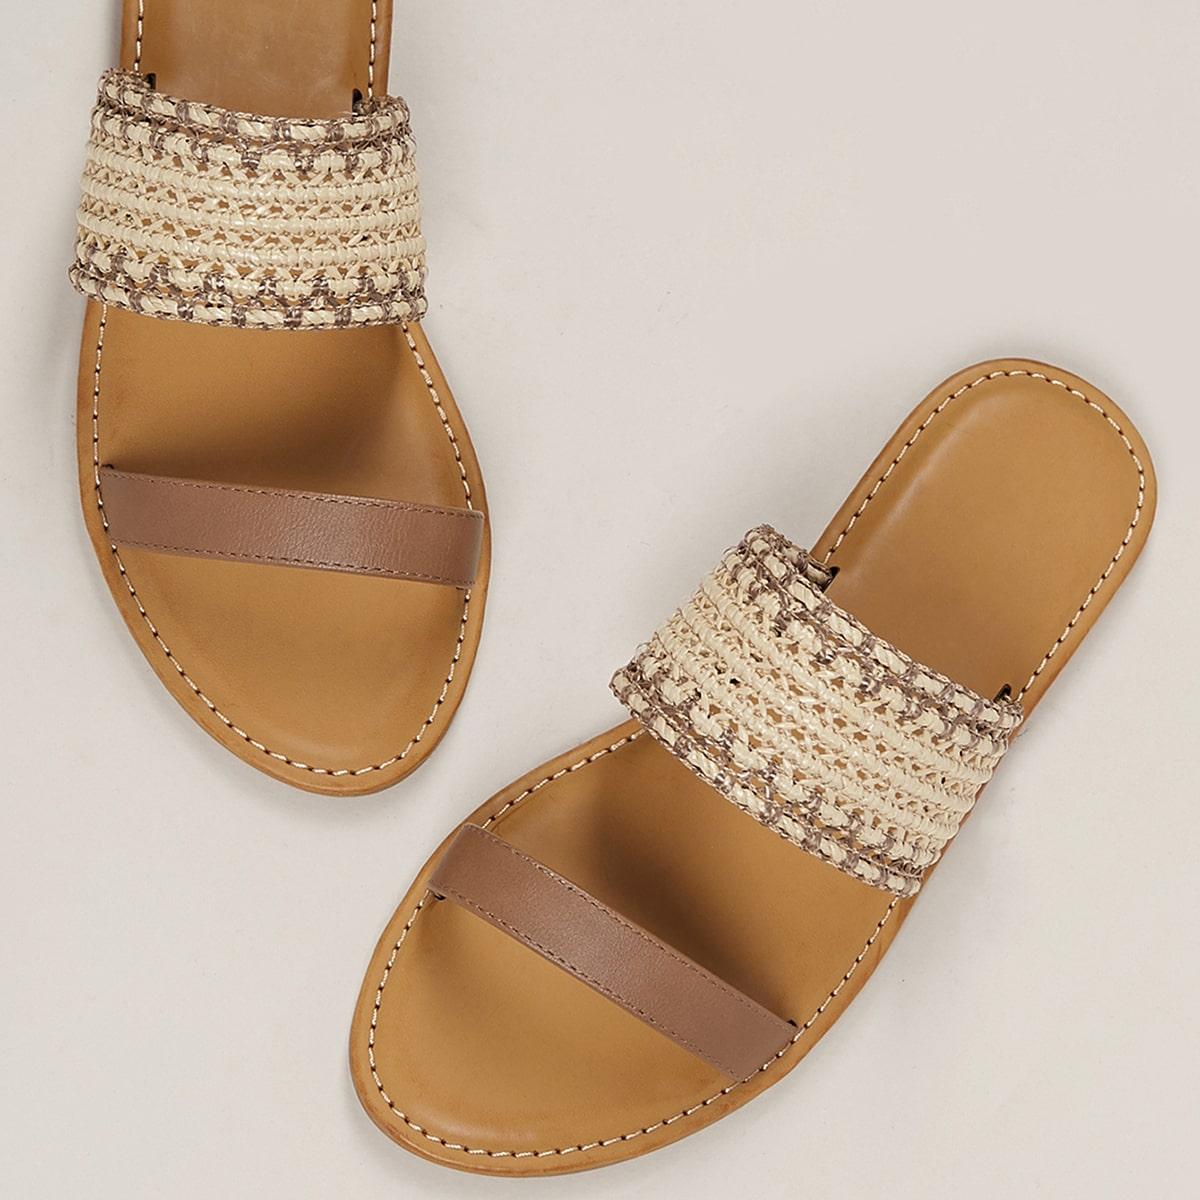 Сандалии с открытым носком из плетеной соломы